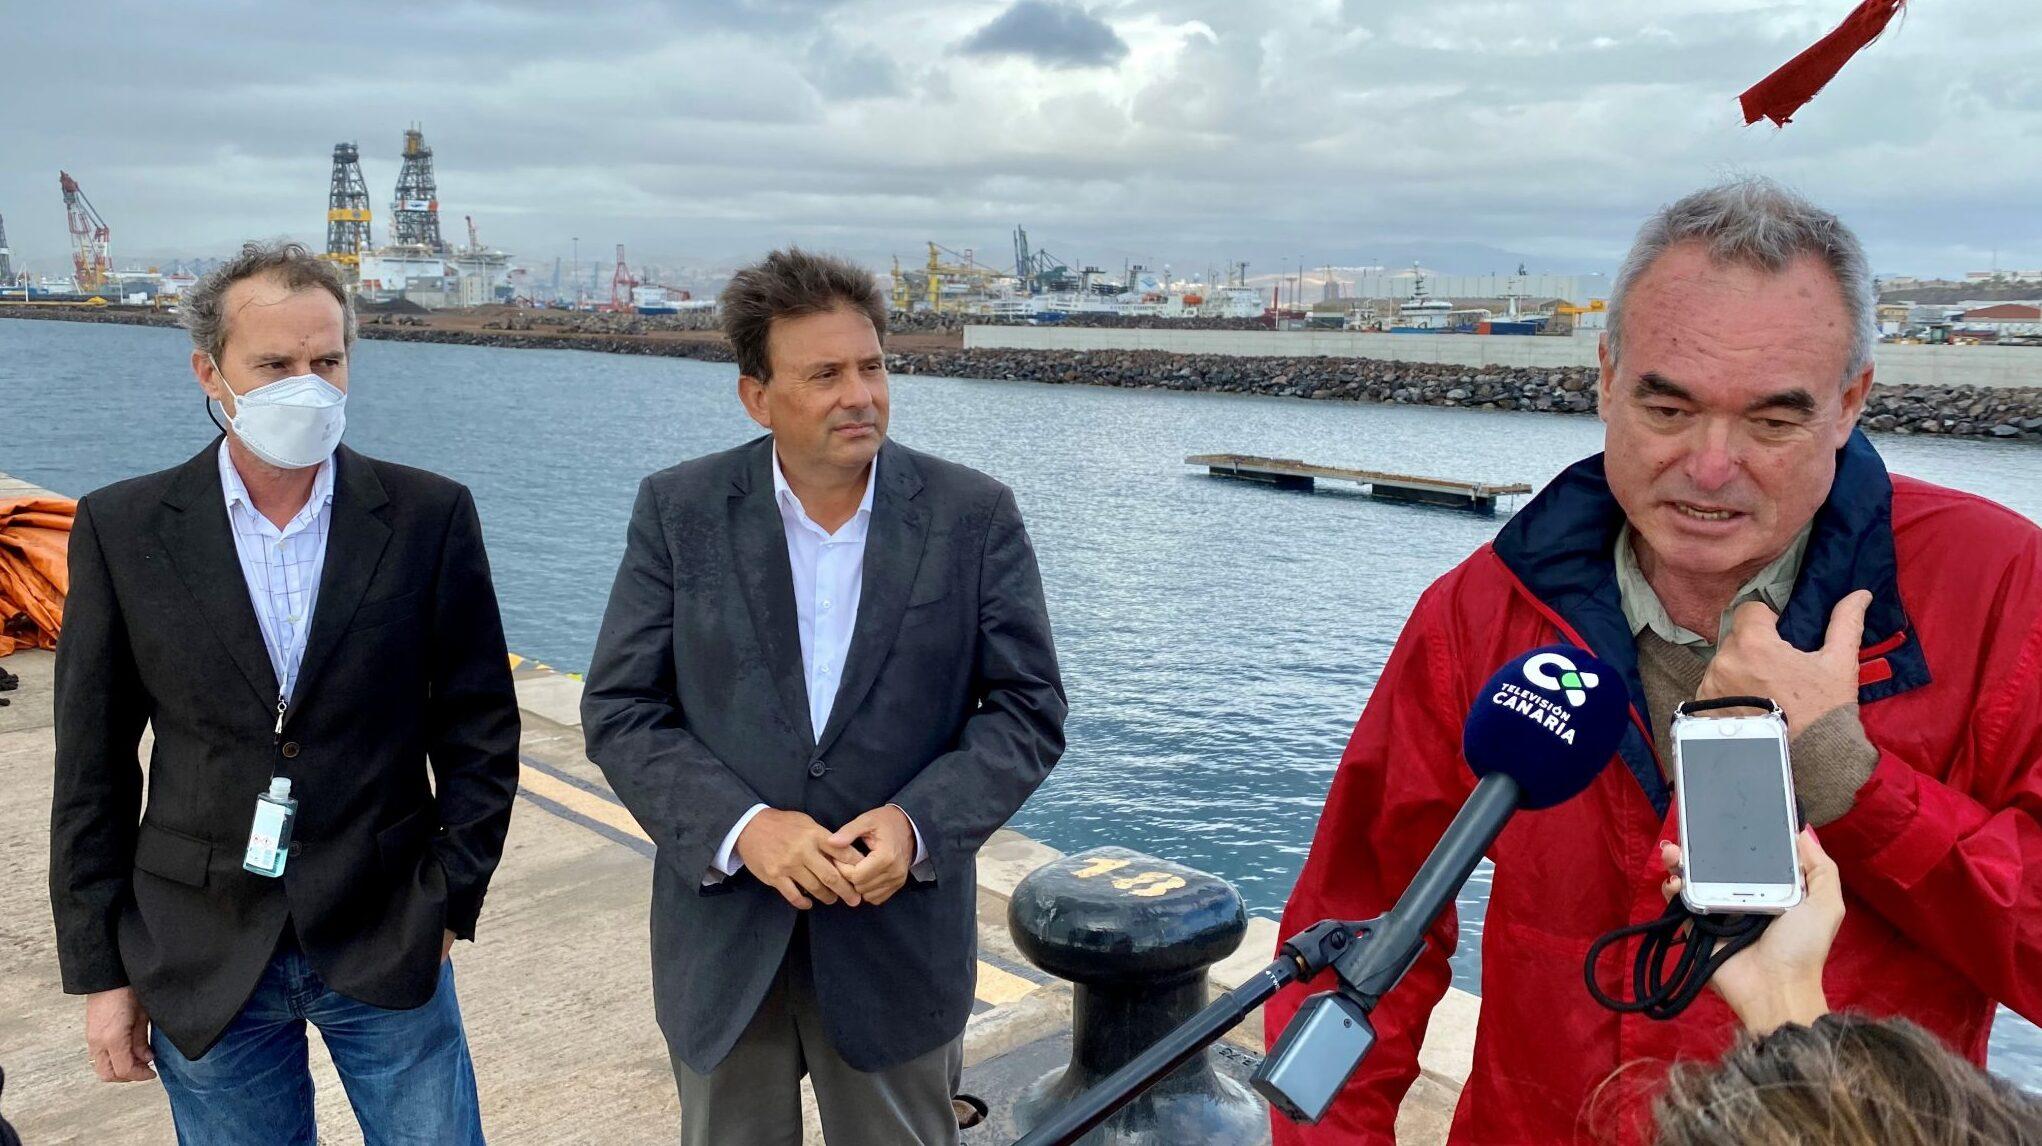 La bahía de Las Palmas, testigo de la recuperación de los charranes comunes gracias a plataformas flotantes para su cría y a las aguas limpias